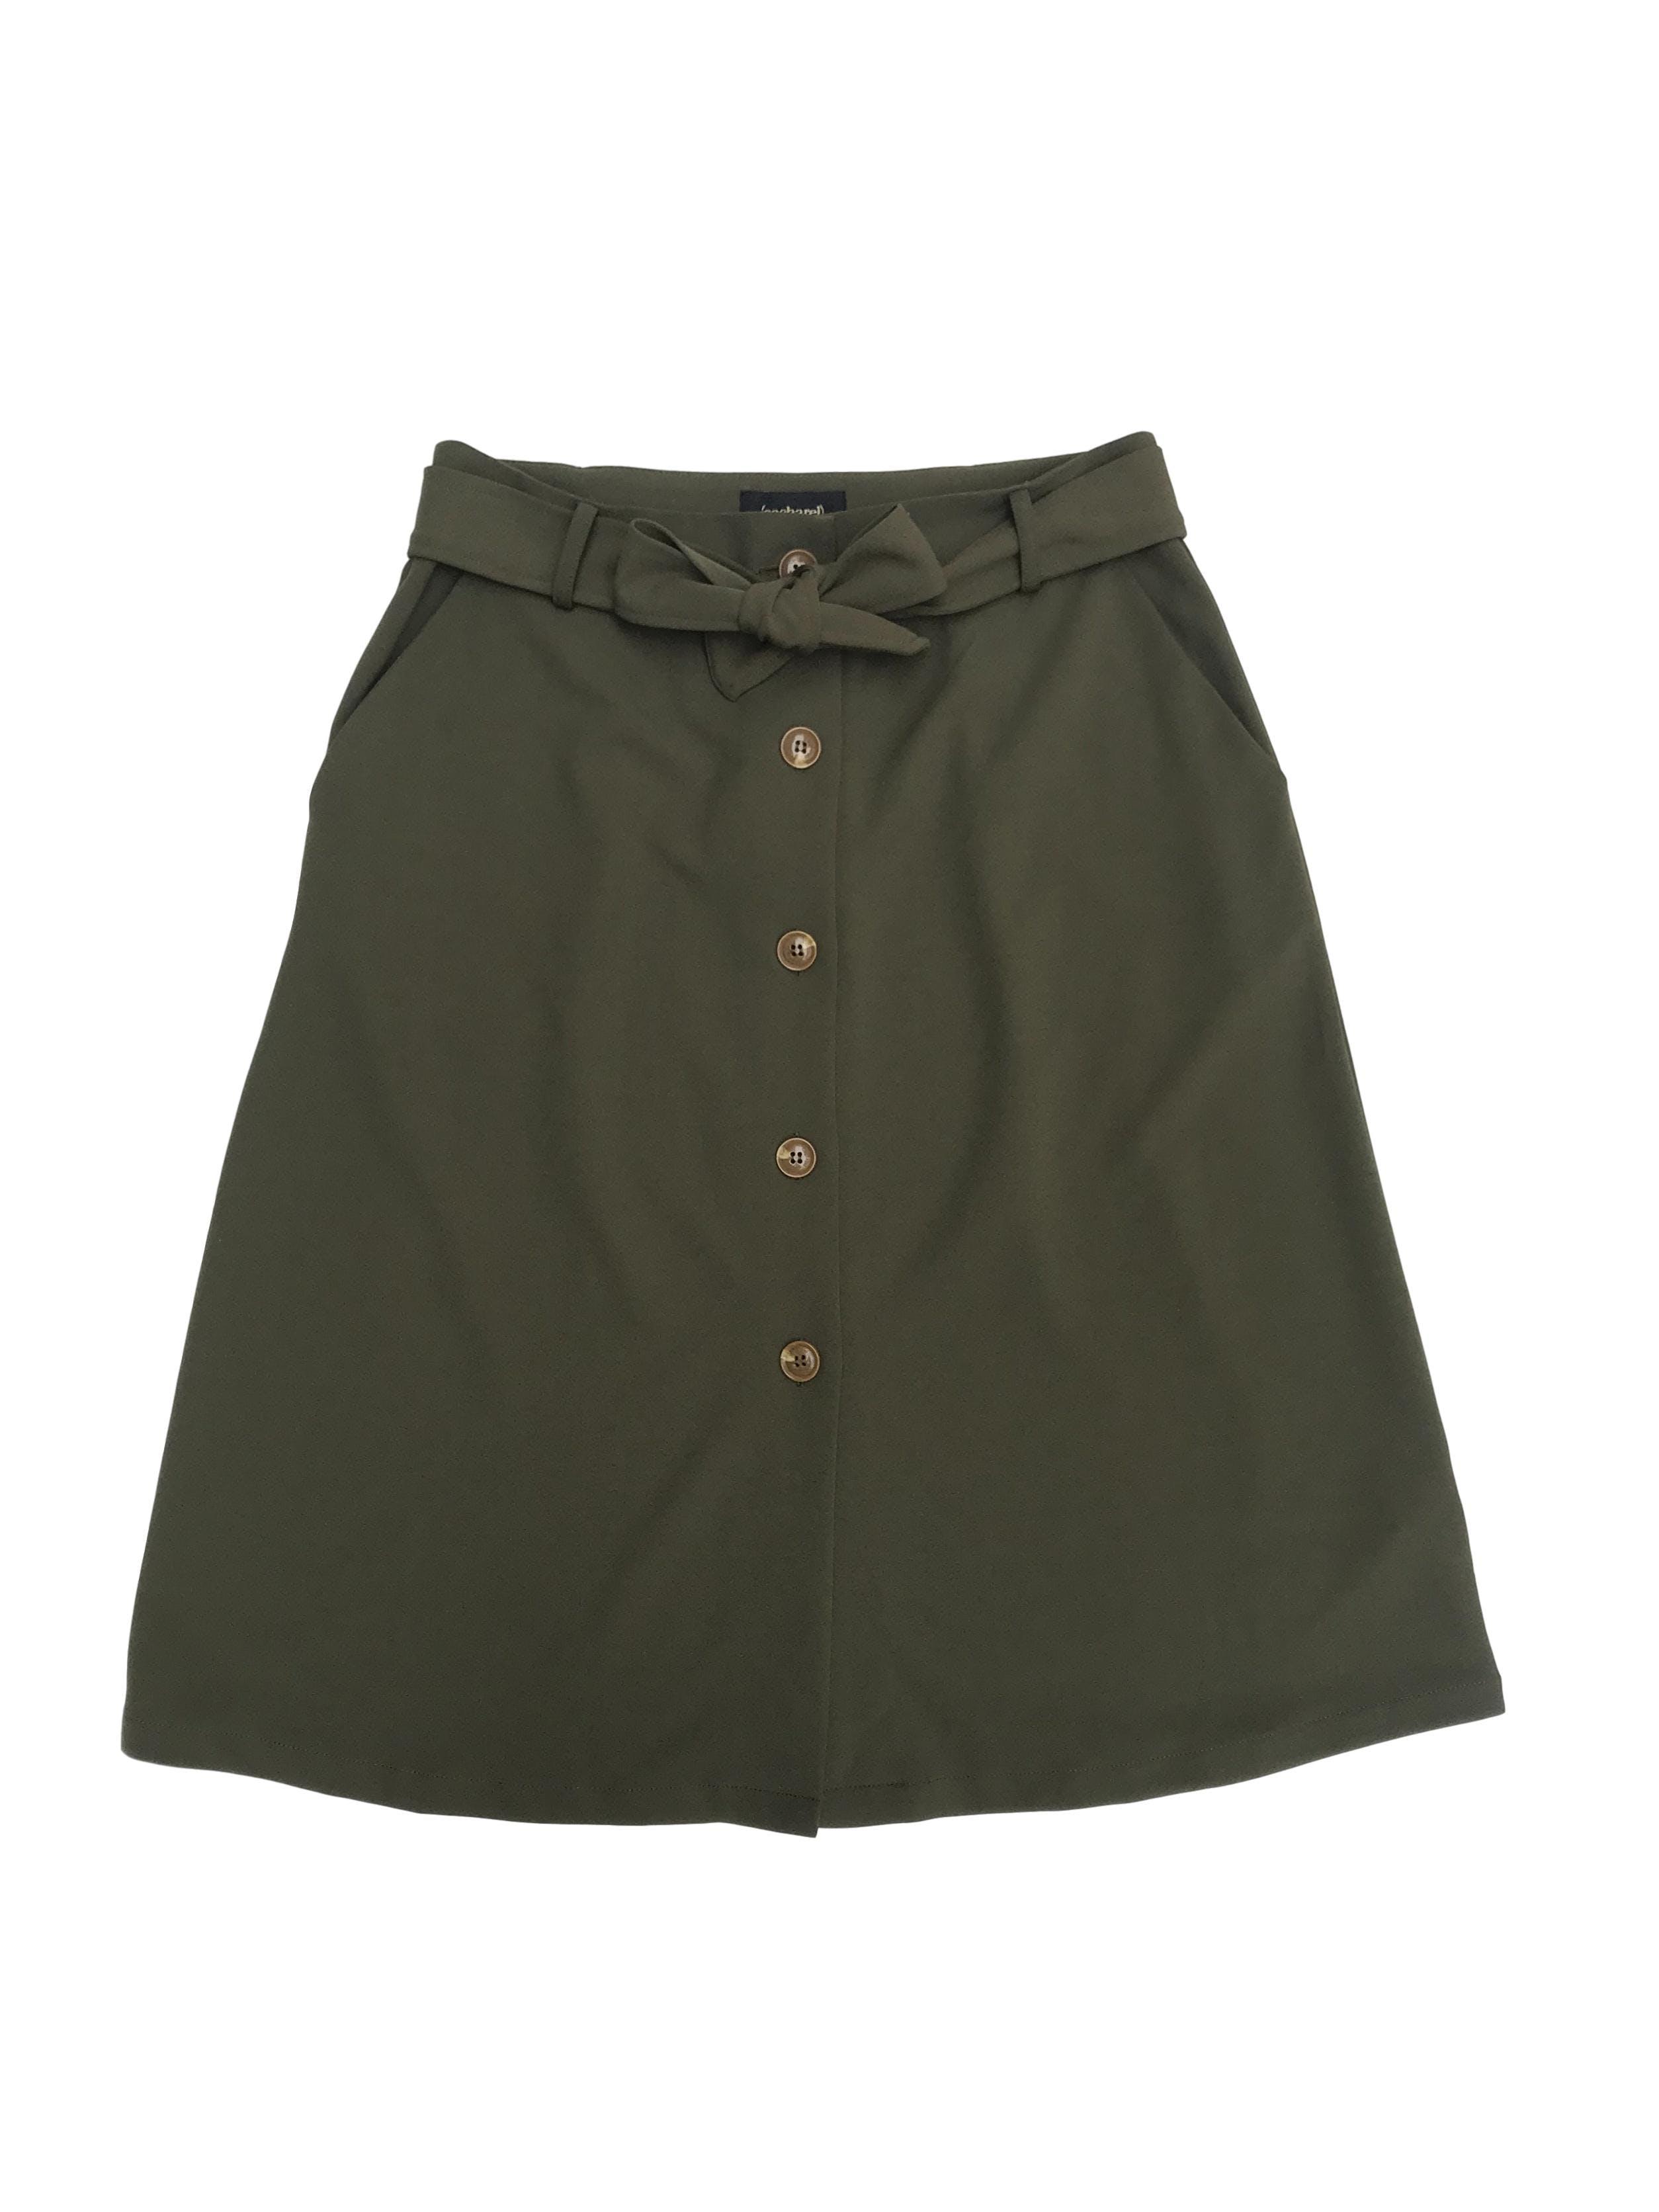 Falda midi Cacharel verde olivo con botones delanteros y cinto, bolsillos laterales y corte en A. Nueva con etiqueta, precio original S/ 100. Cintura 78cm Largo 67cm